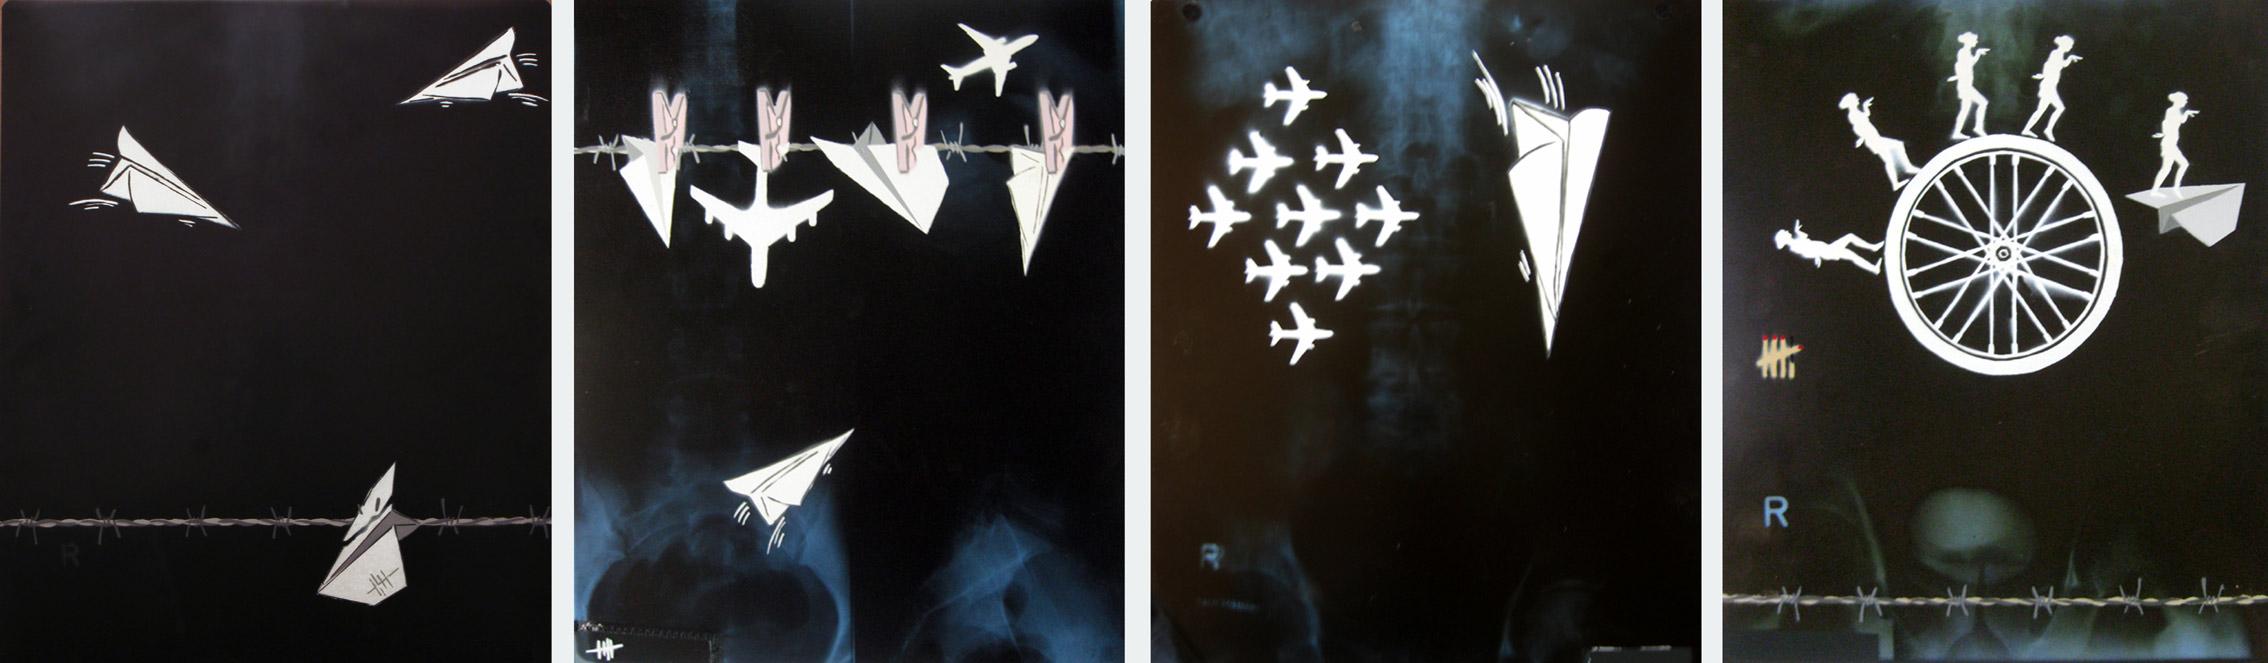 artVerwandt_X_rays-6